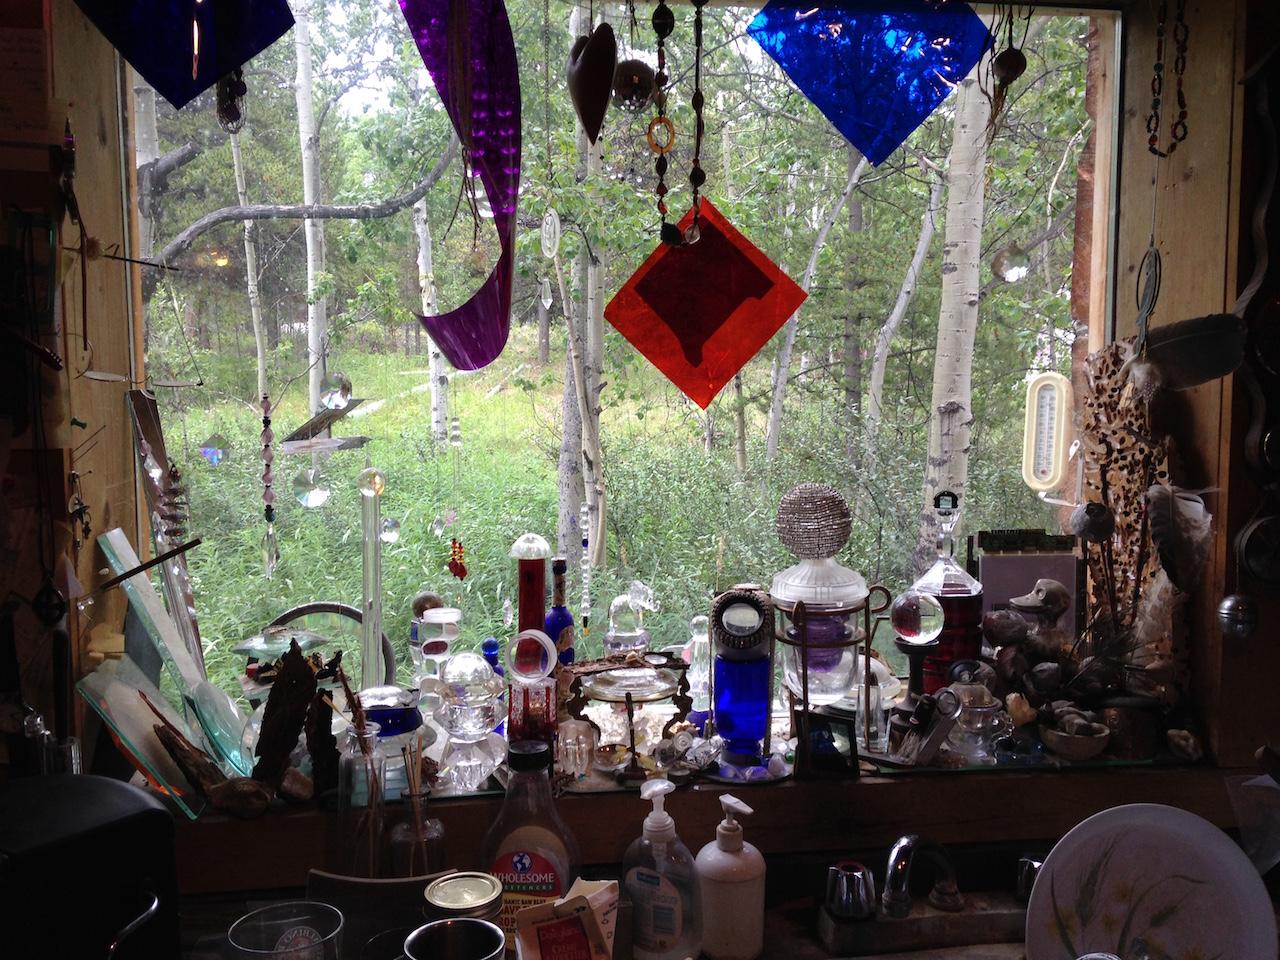 John's wonderful kitchen window.